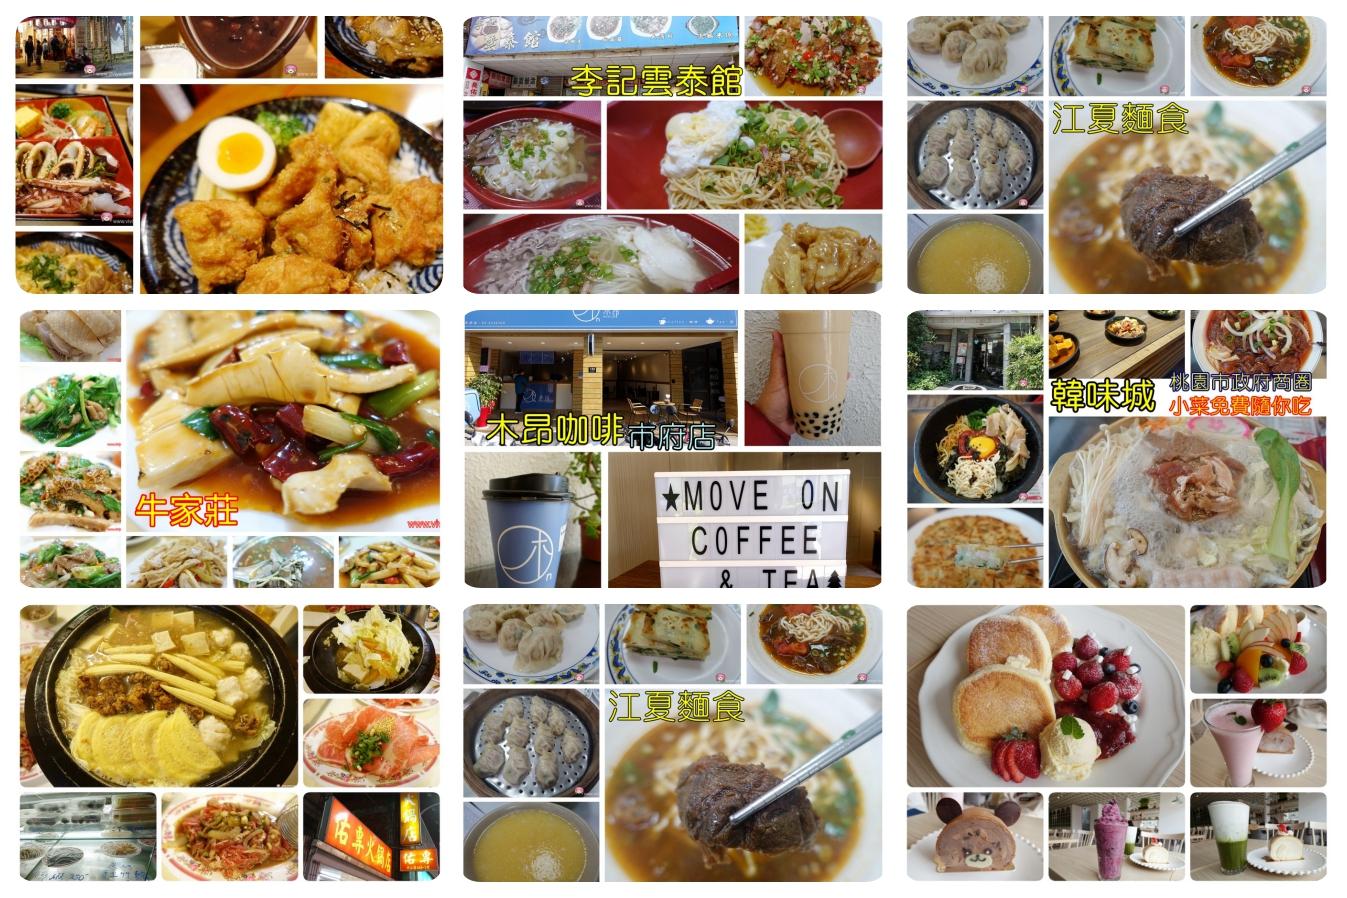 [桃園美食]桃園市政府週邊美食20家懶人包~韓式、泰式、日式、咖啡館、甜點料理一次收錄(隨時更新中) @VIVIYU小世界